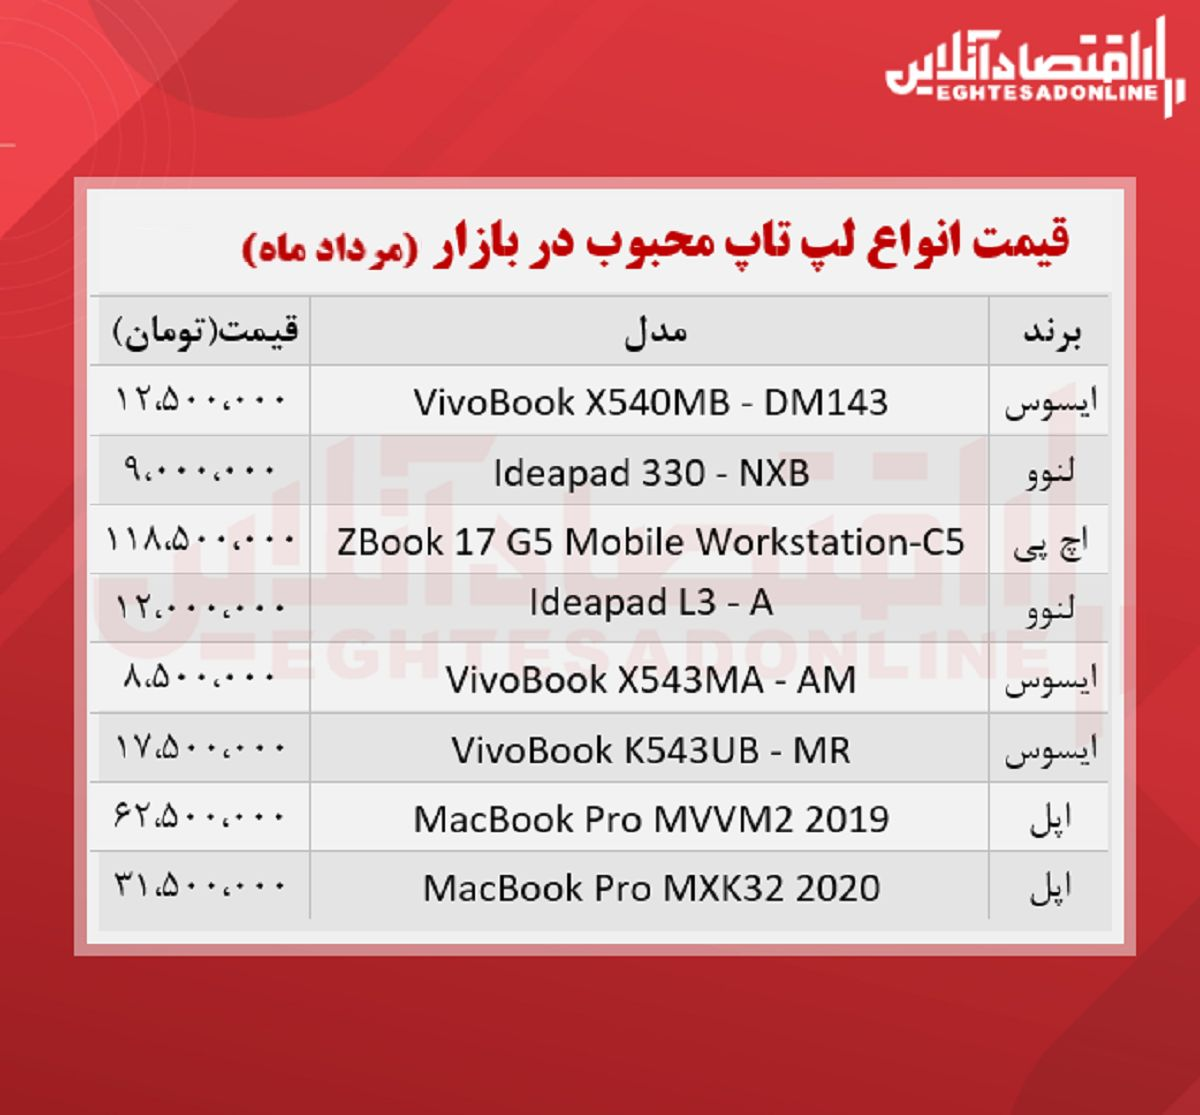 قیمت انواع لپ تاپ محبوب در بازار / ۲۷مرداد